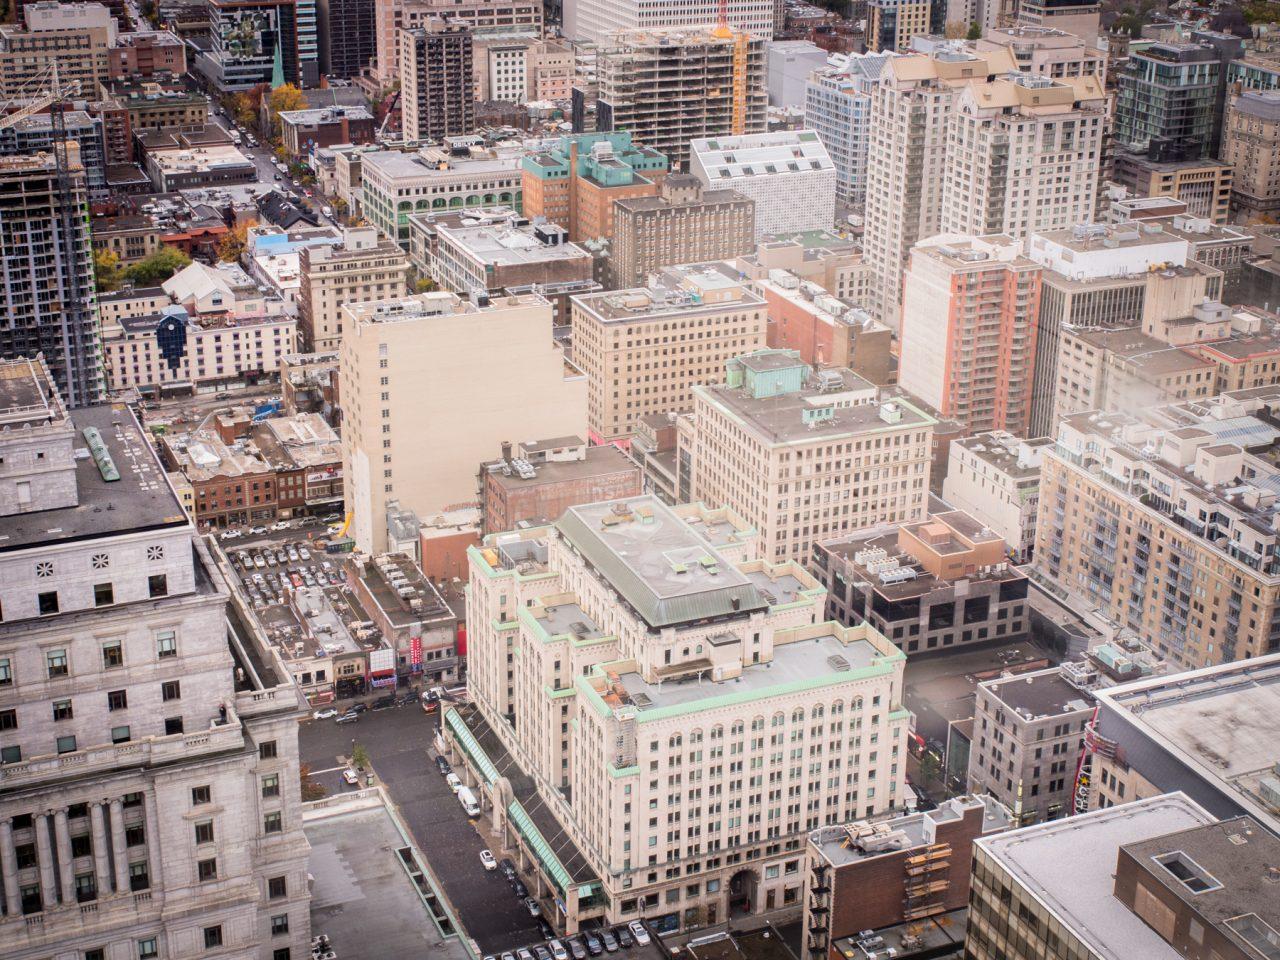 immeubles montréal-canada photos-architecture moderne montréal-point de vue montreal